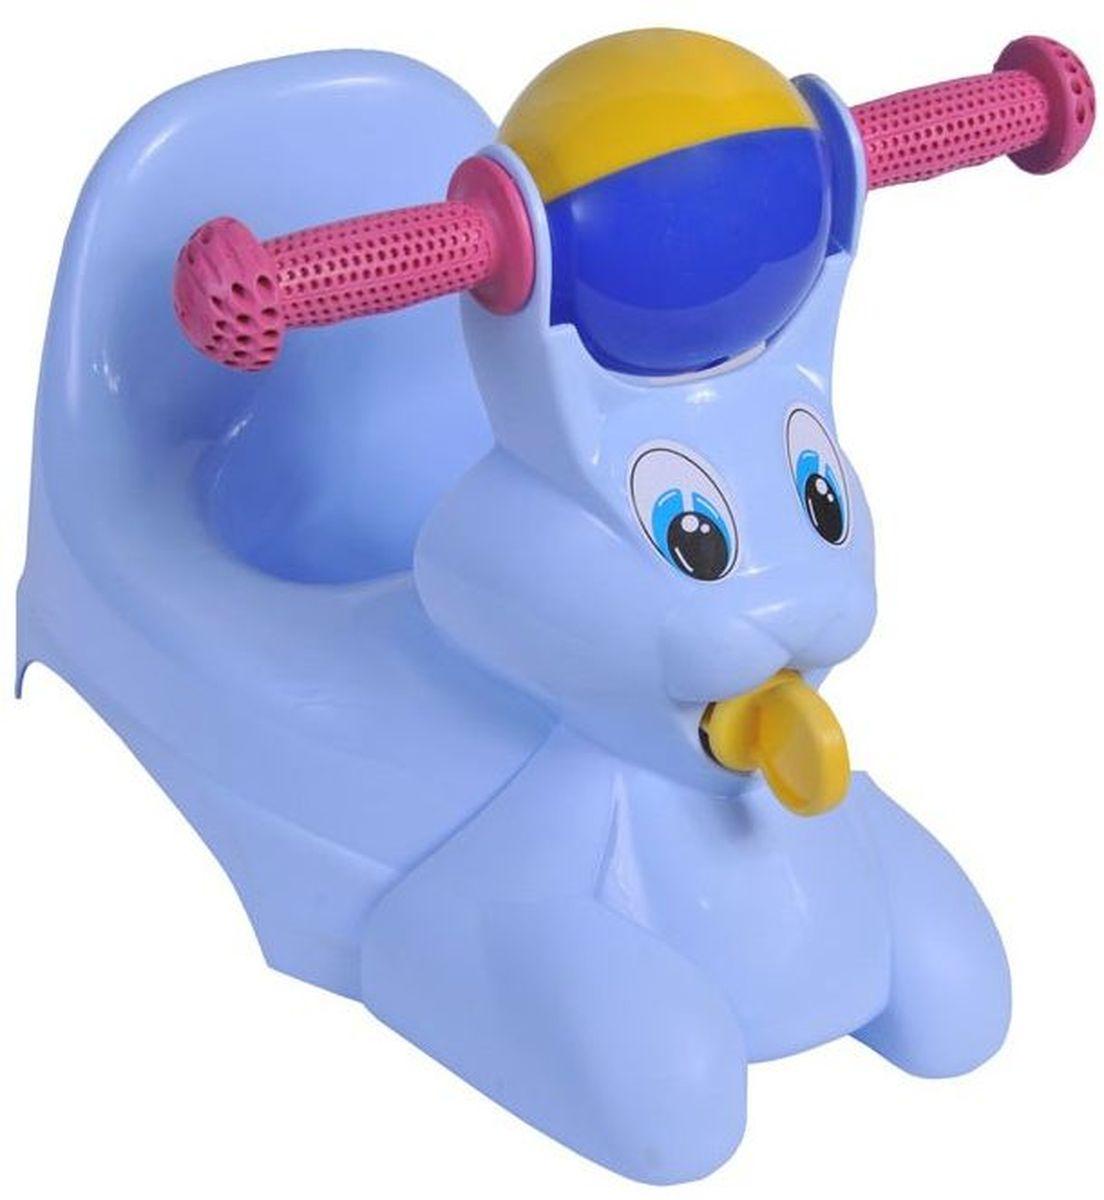 Little Angel Горшок-игрушка Зайчик цвет голубой пастельный